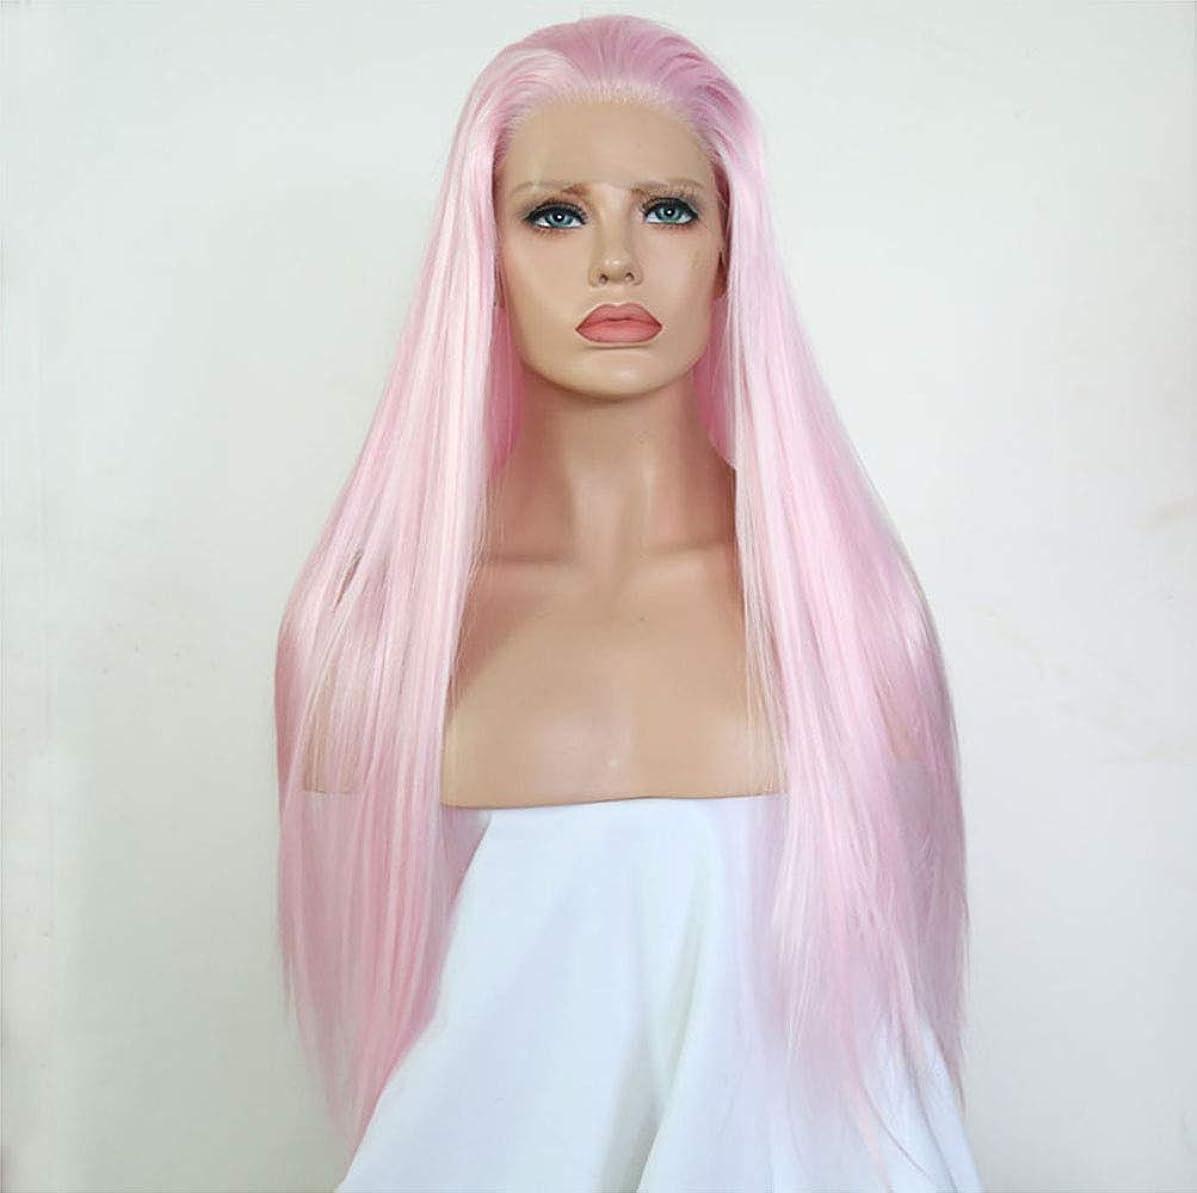 吐く強度風邪をひく合成フロント耐熱高品質かつらのための女性フロントレースかつら長いストレートの髪